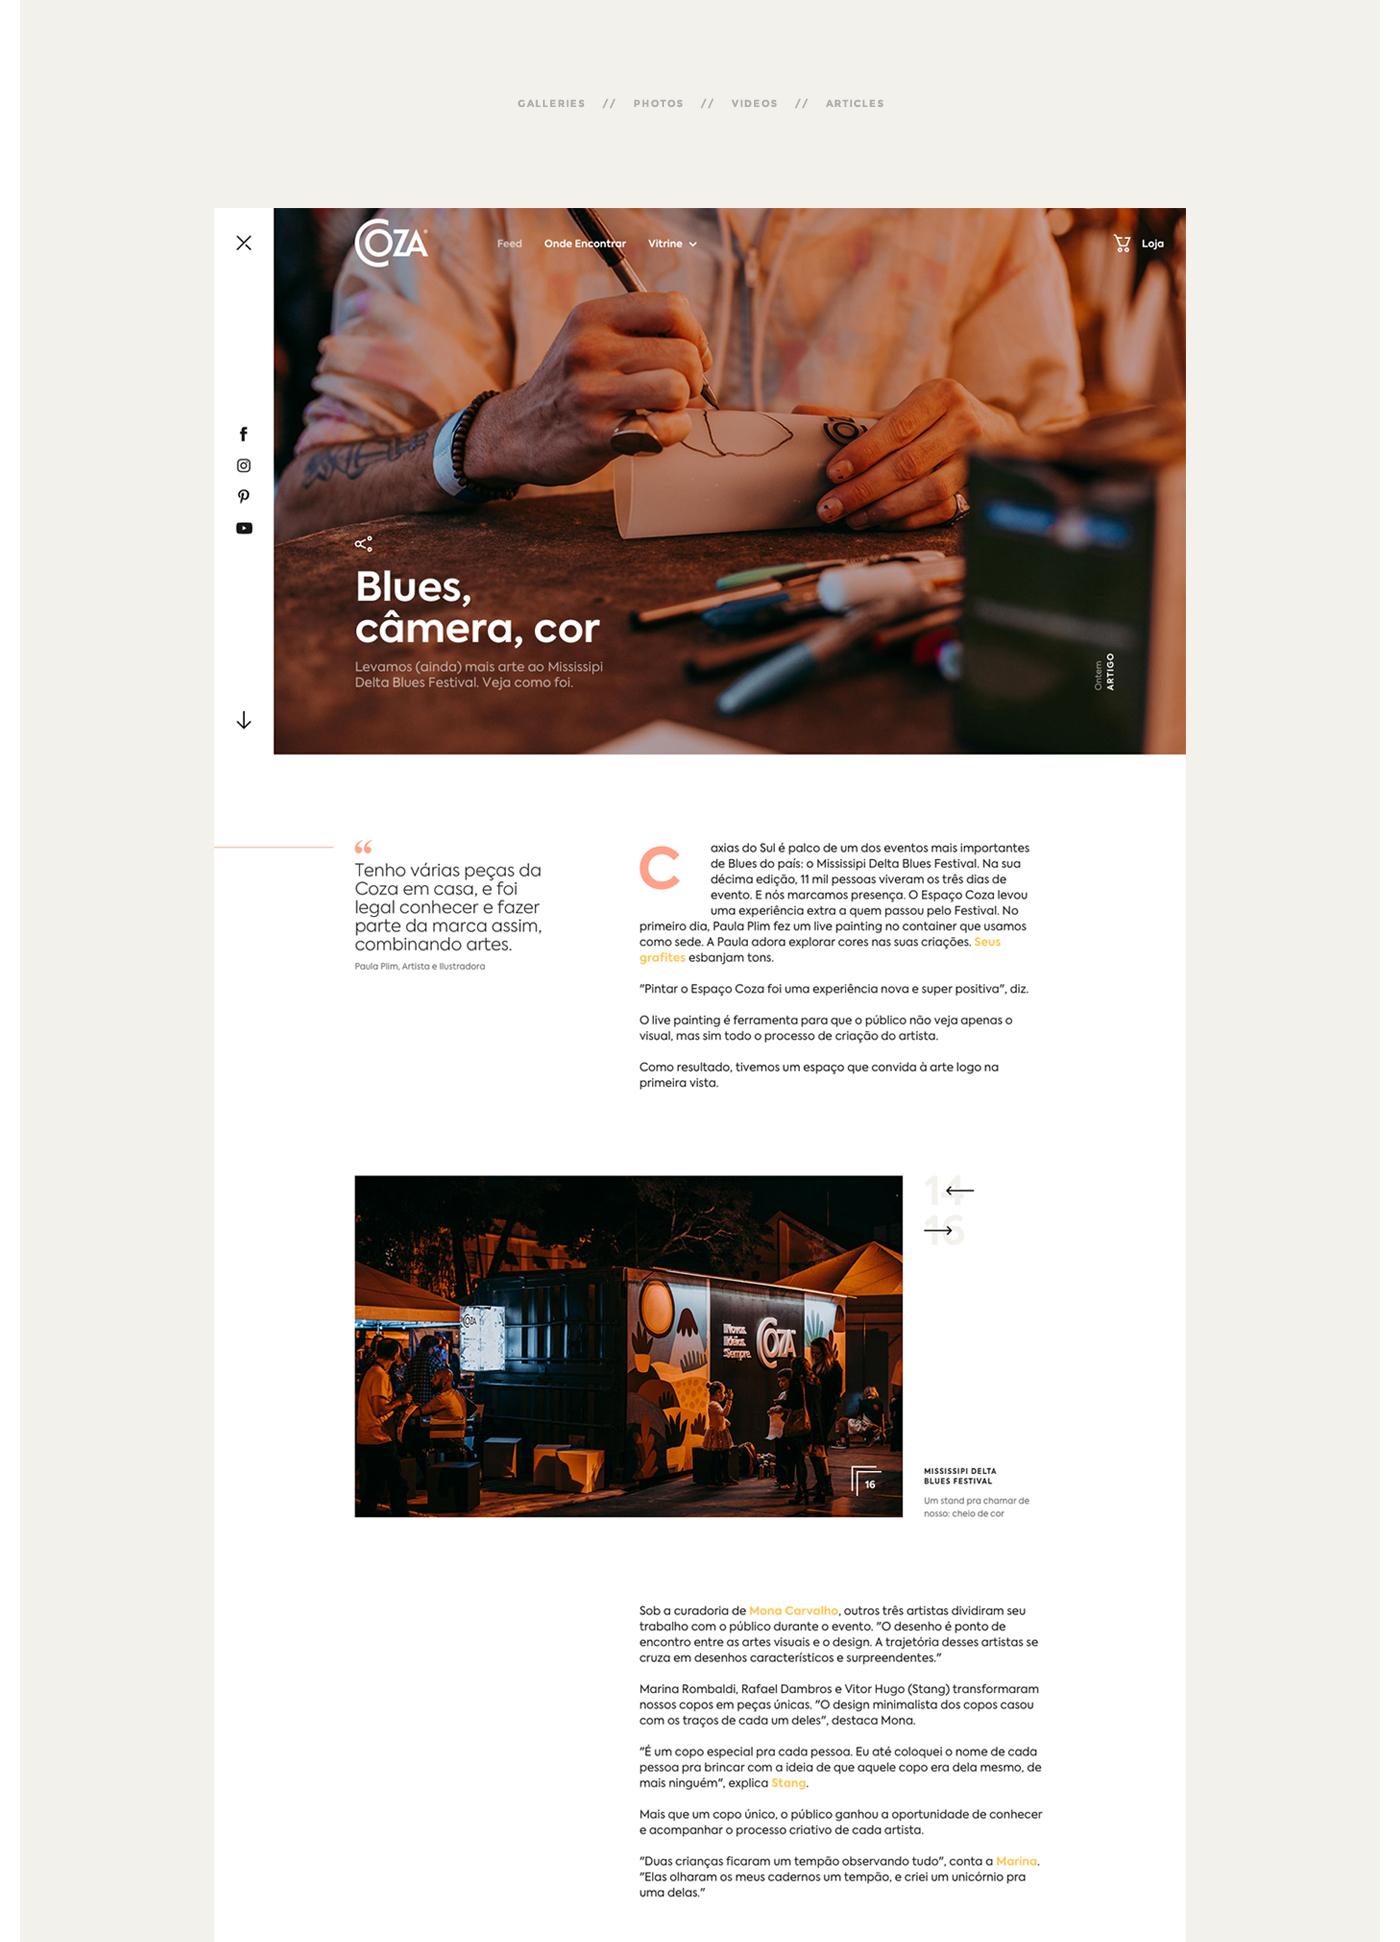 Solid Web Design Project For Coza Domestic Products Web Design Projects Web Design Web Development Design